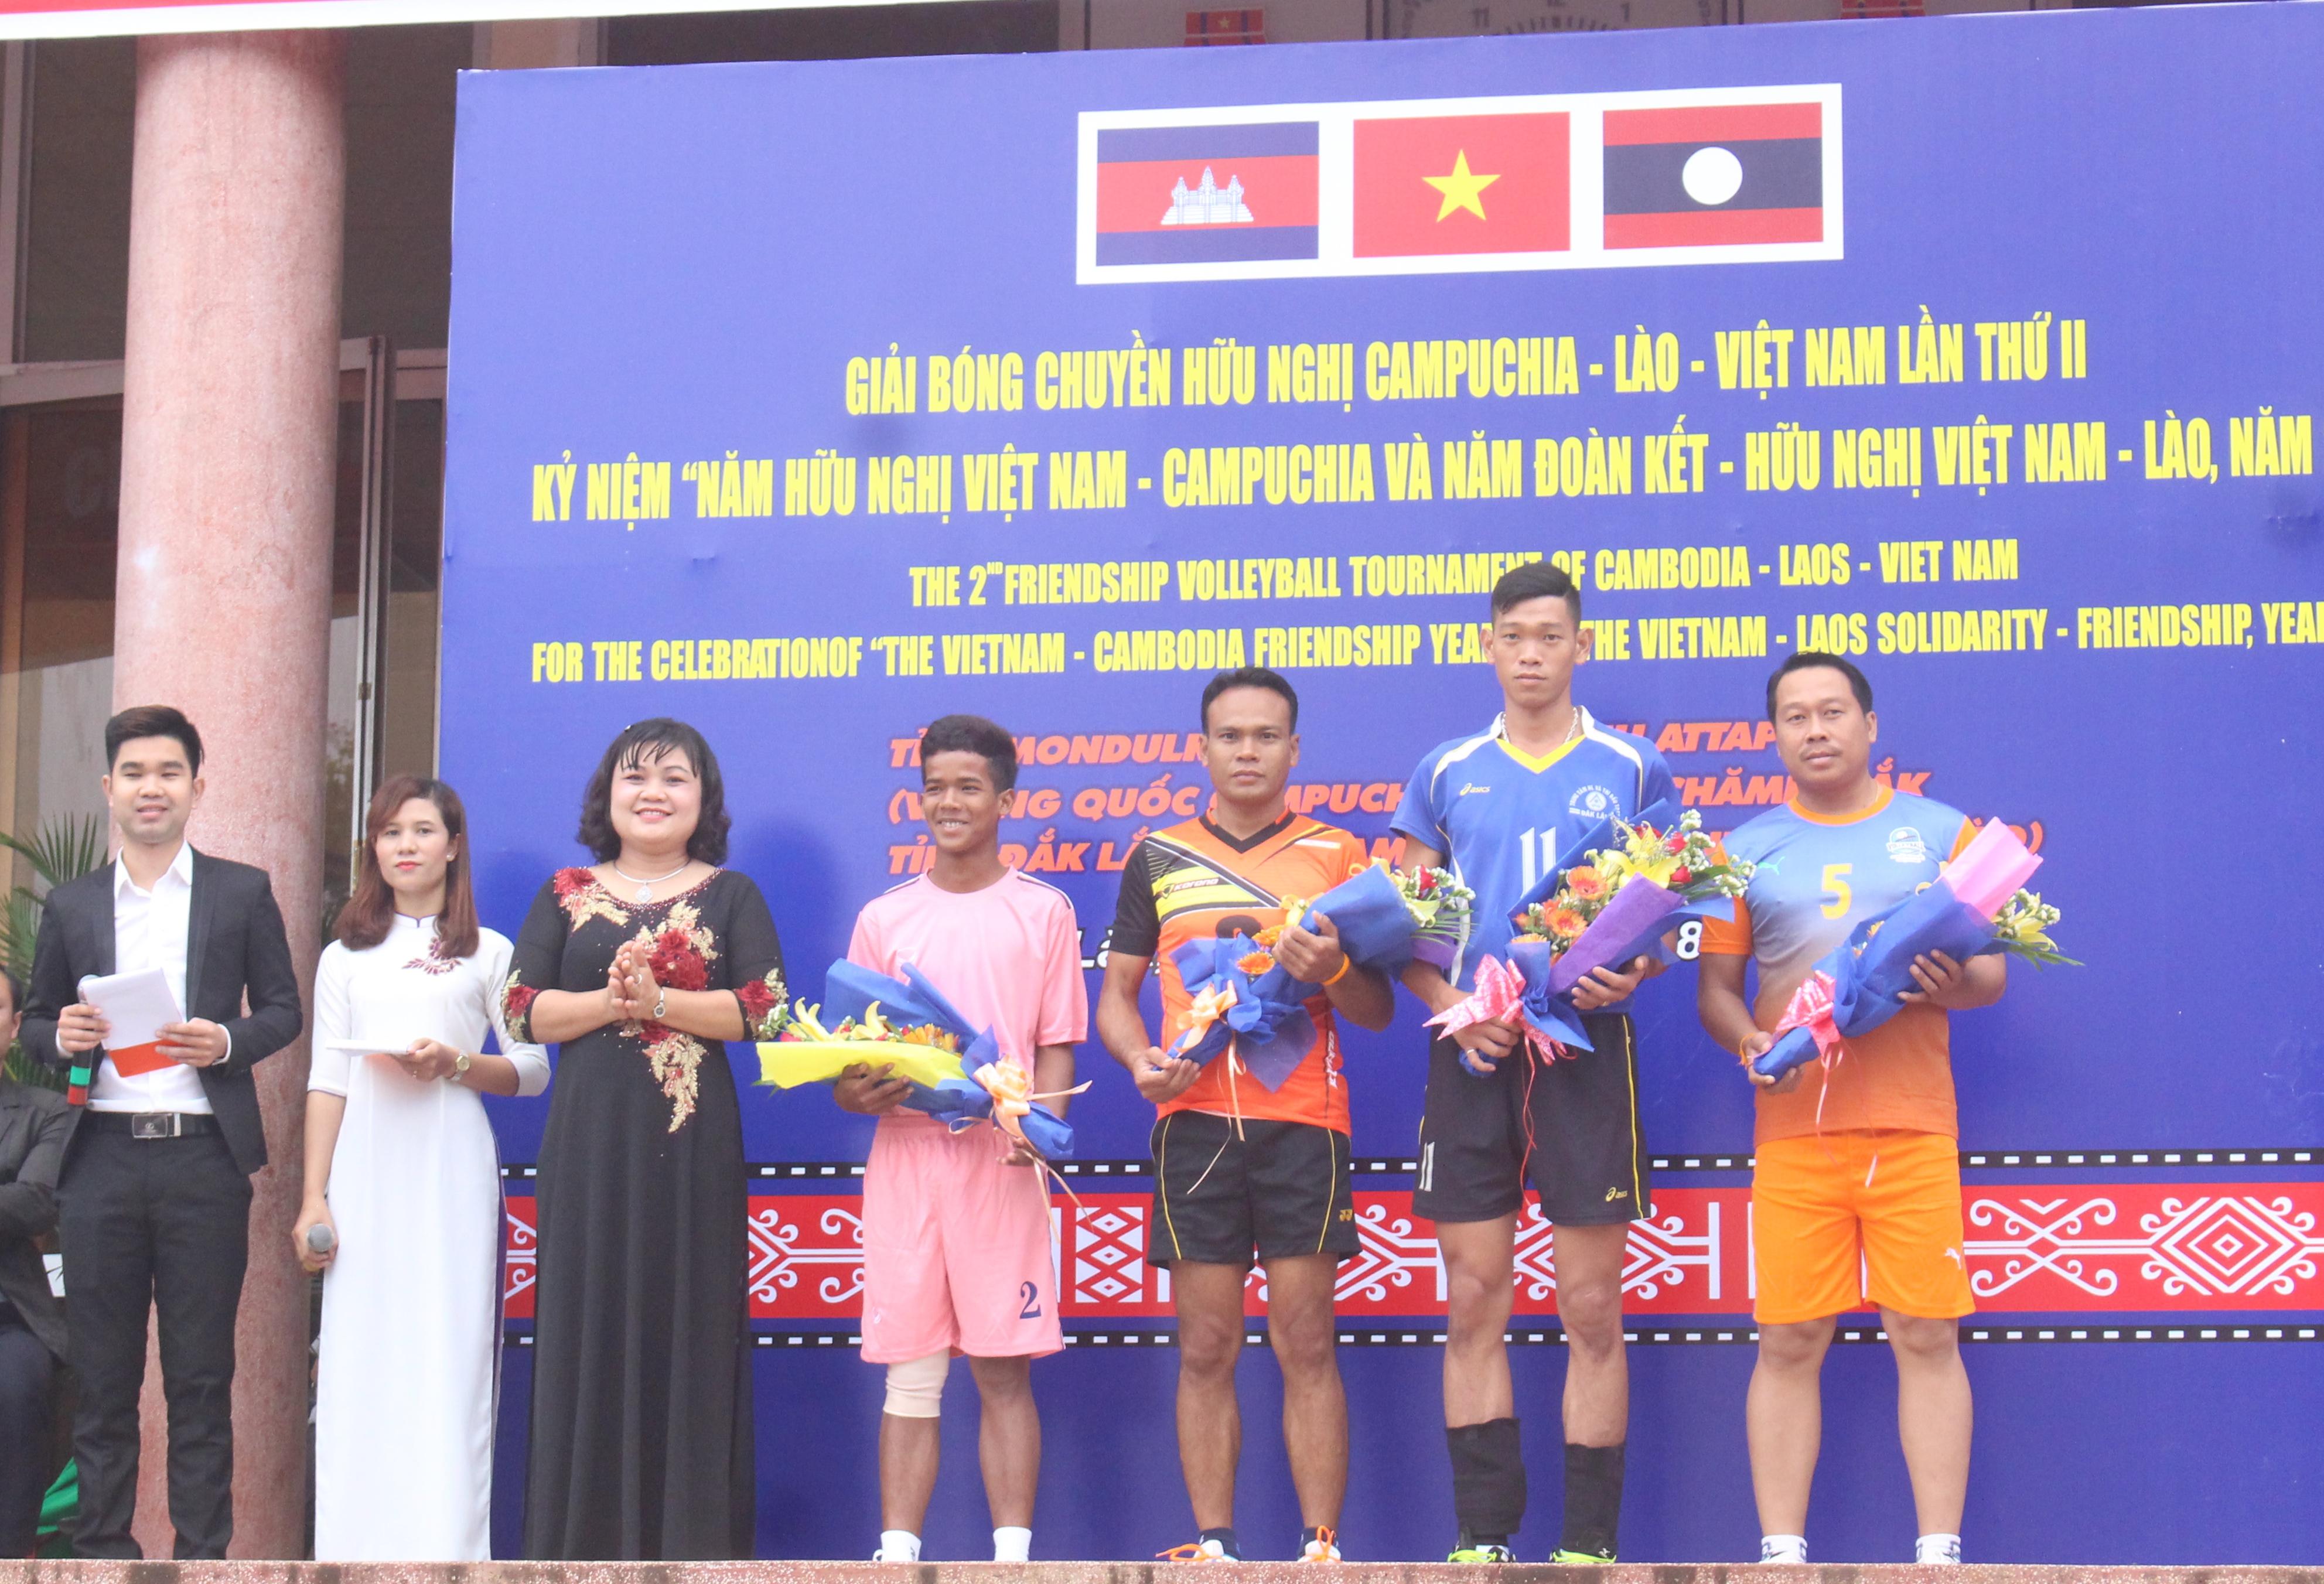 Khai mạc Giải bóng chuyền hữu nghị Campuchia – Lào – Việt Nam lần thứ II năm 2017